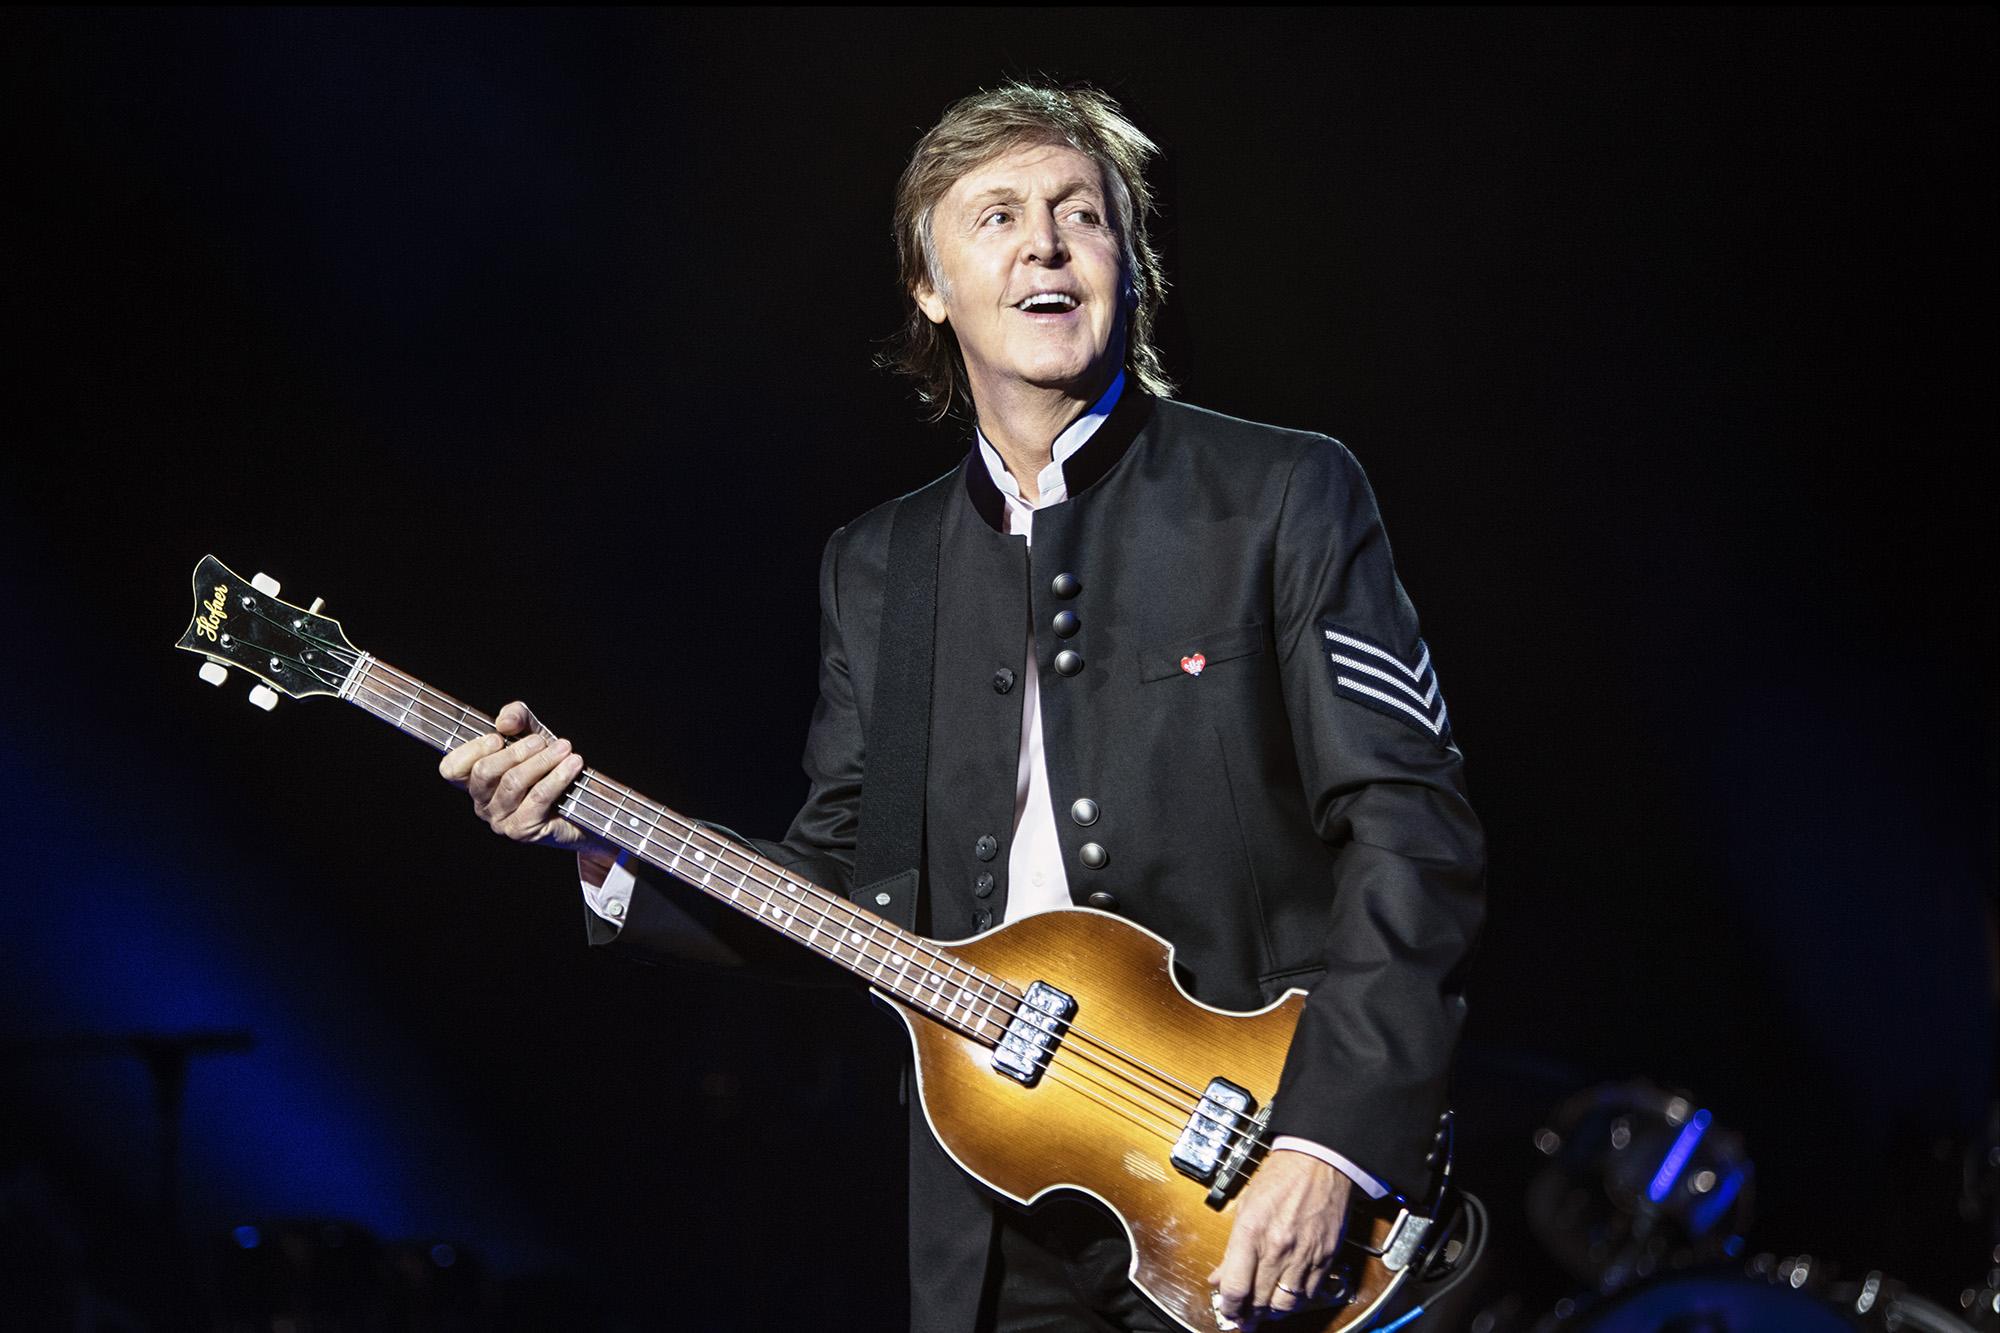 Paul McCartney presenta cuatro discos que documentan diferentes periodos de su carrera solista